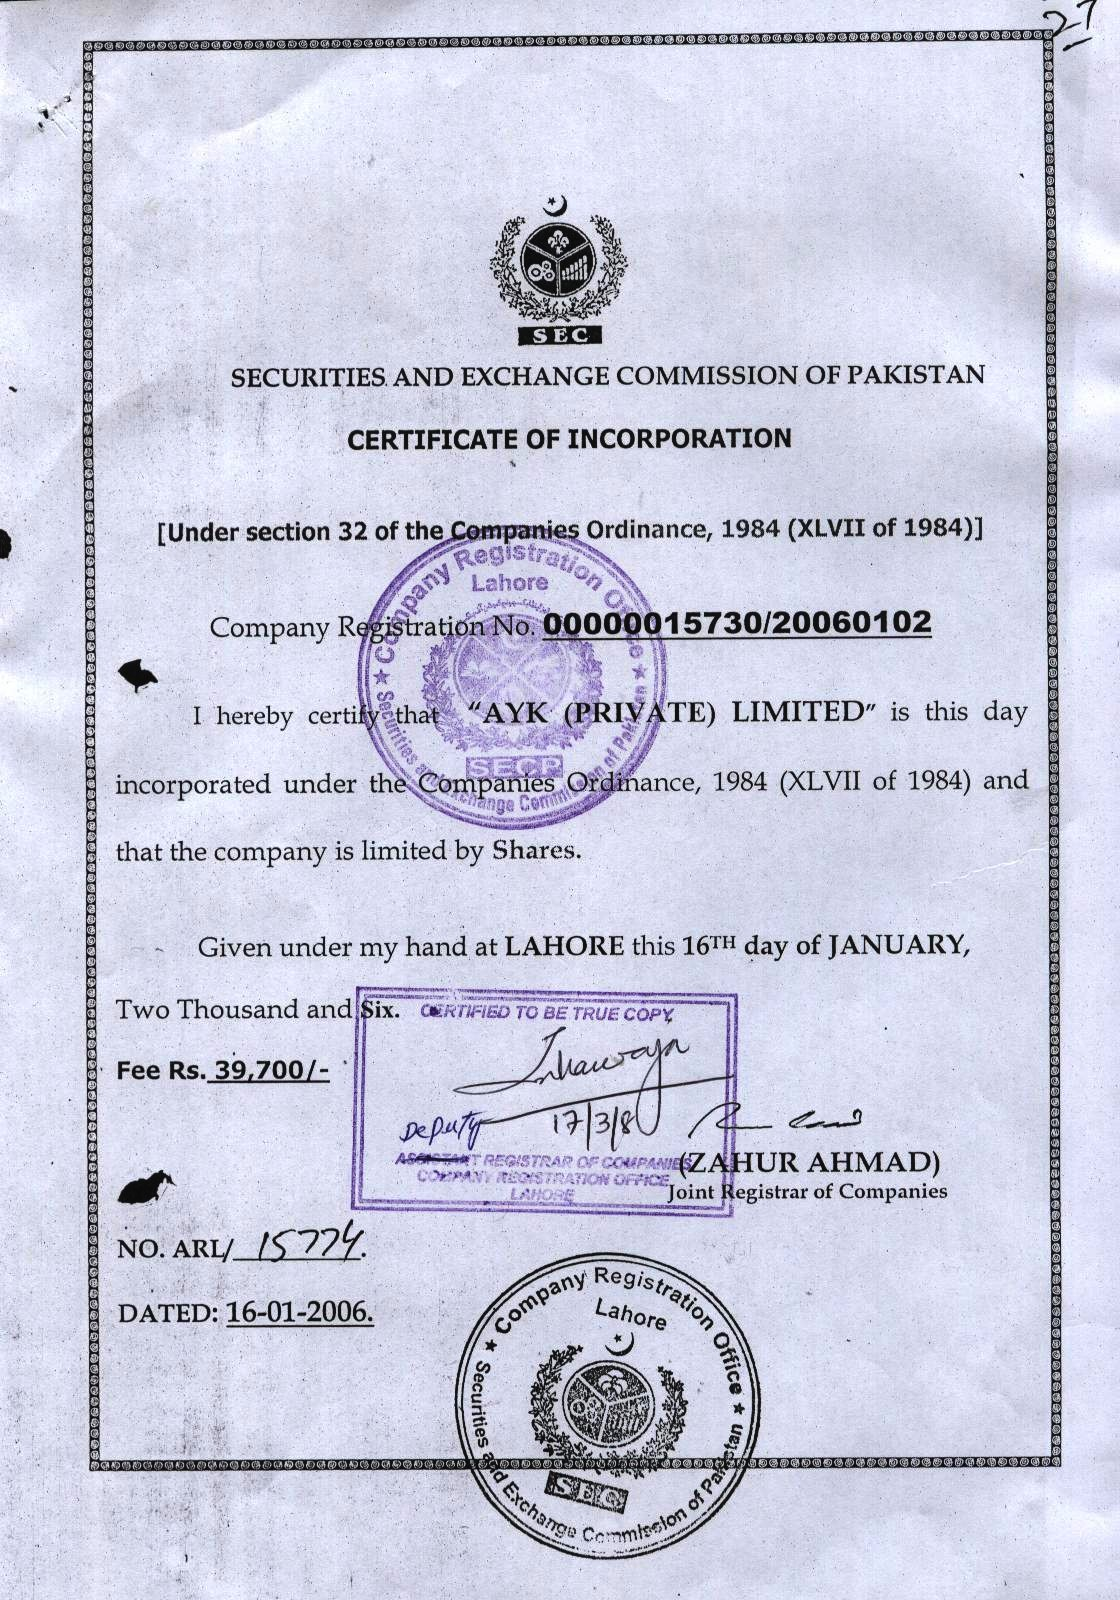 SECP Certificate